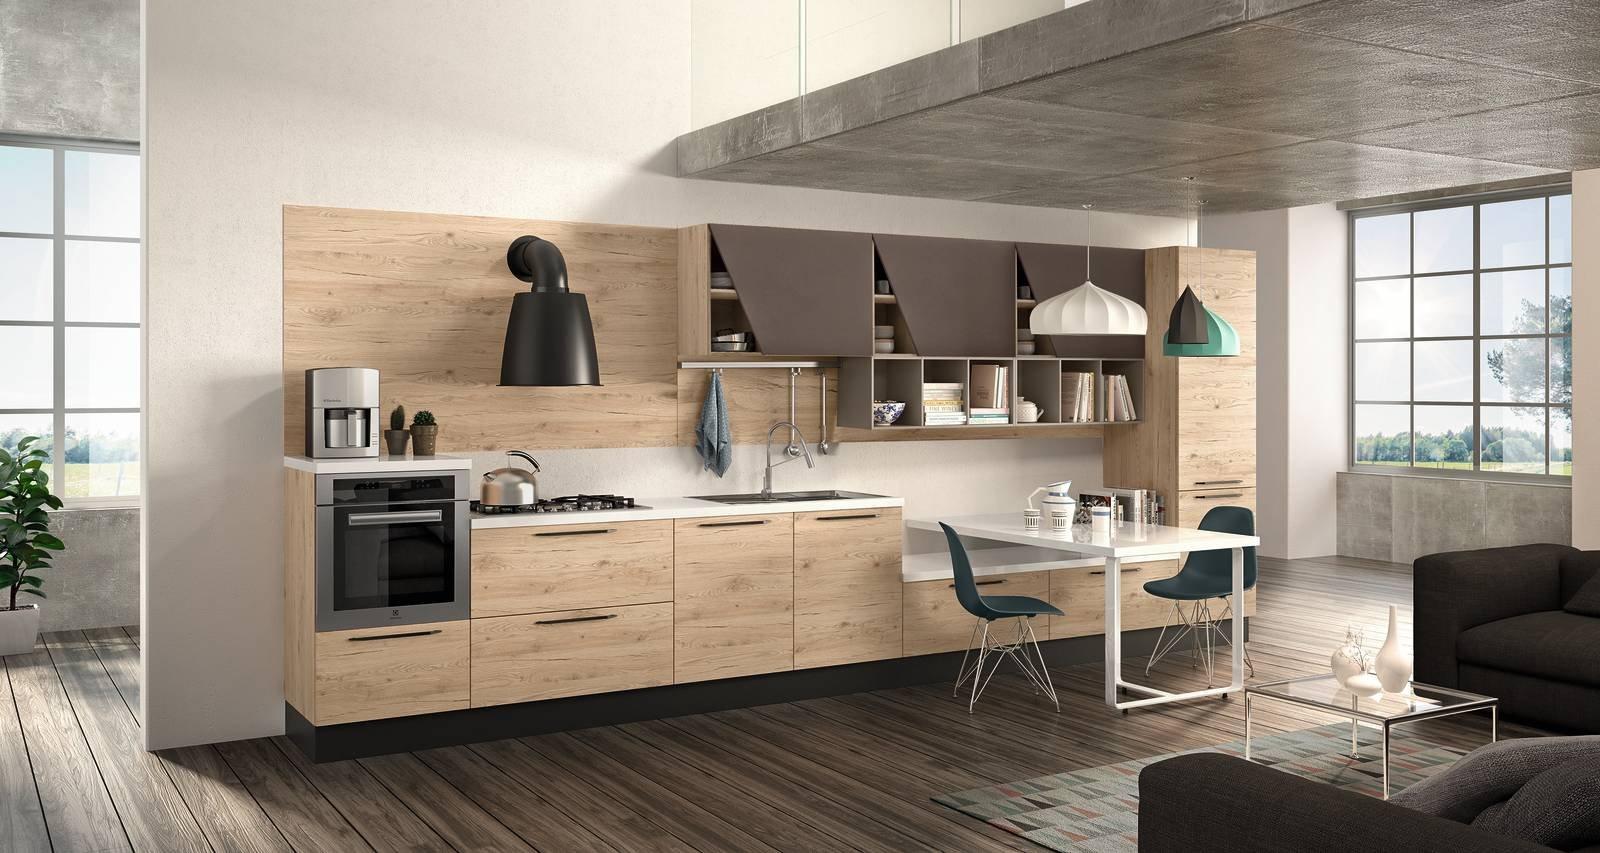 conforama Maila cucina legno + richiesta e venduta - Cose di Casa